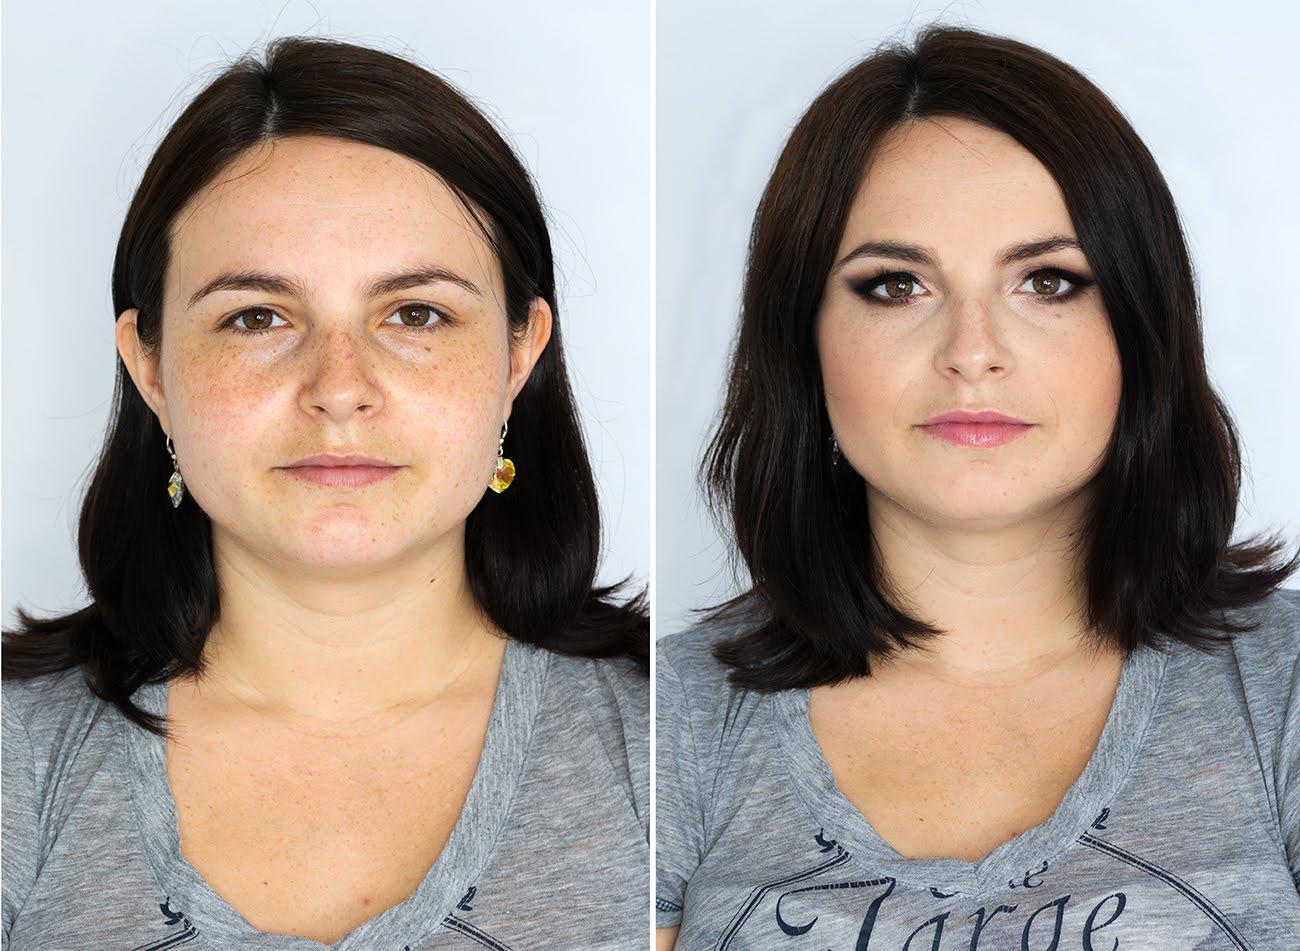 metamrofoza-poznan-kinga-czarnecka-makijaz-poznan-wizazystka-poznan-kamini-makeup-makijaz-wieczorowy-metamrofoz1